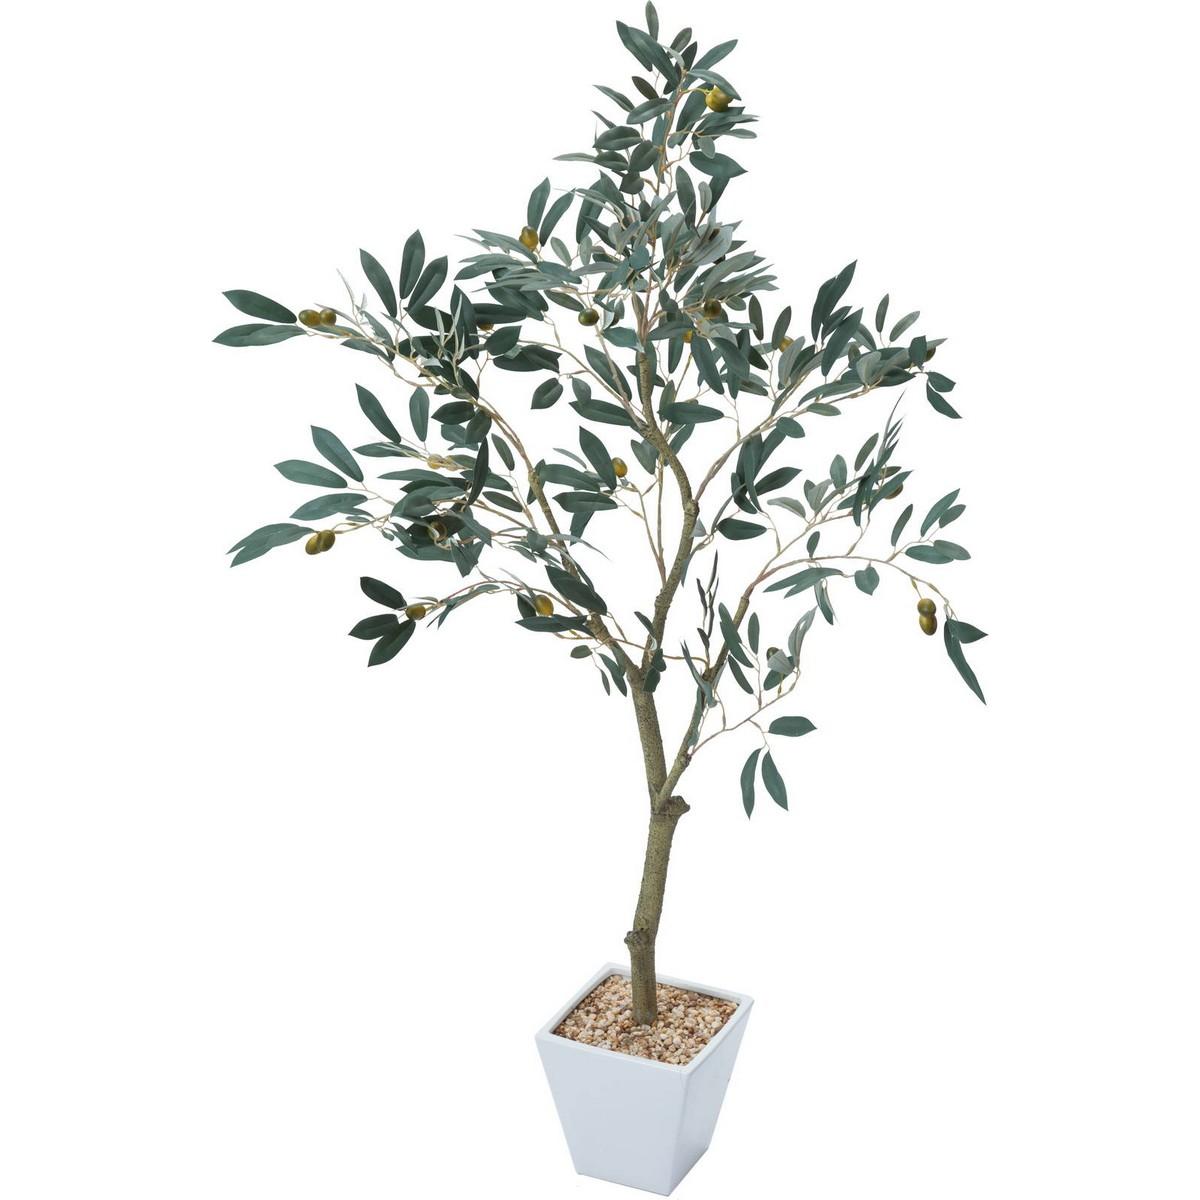 【人工観葉植物】YDM/オリーブツリー グリーン/GLA-1438-GR【01】【取寄】